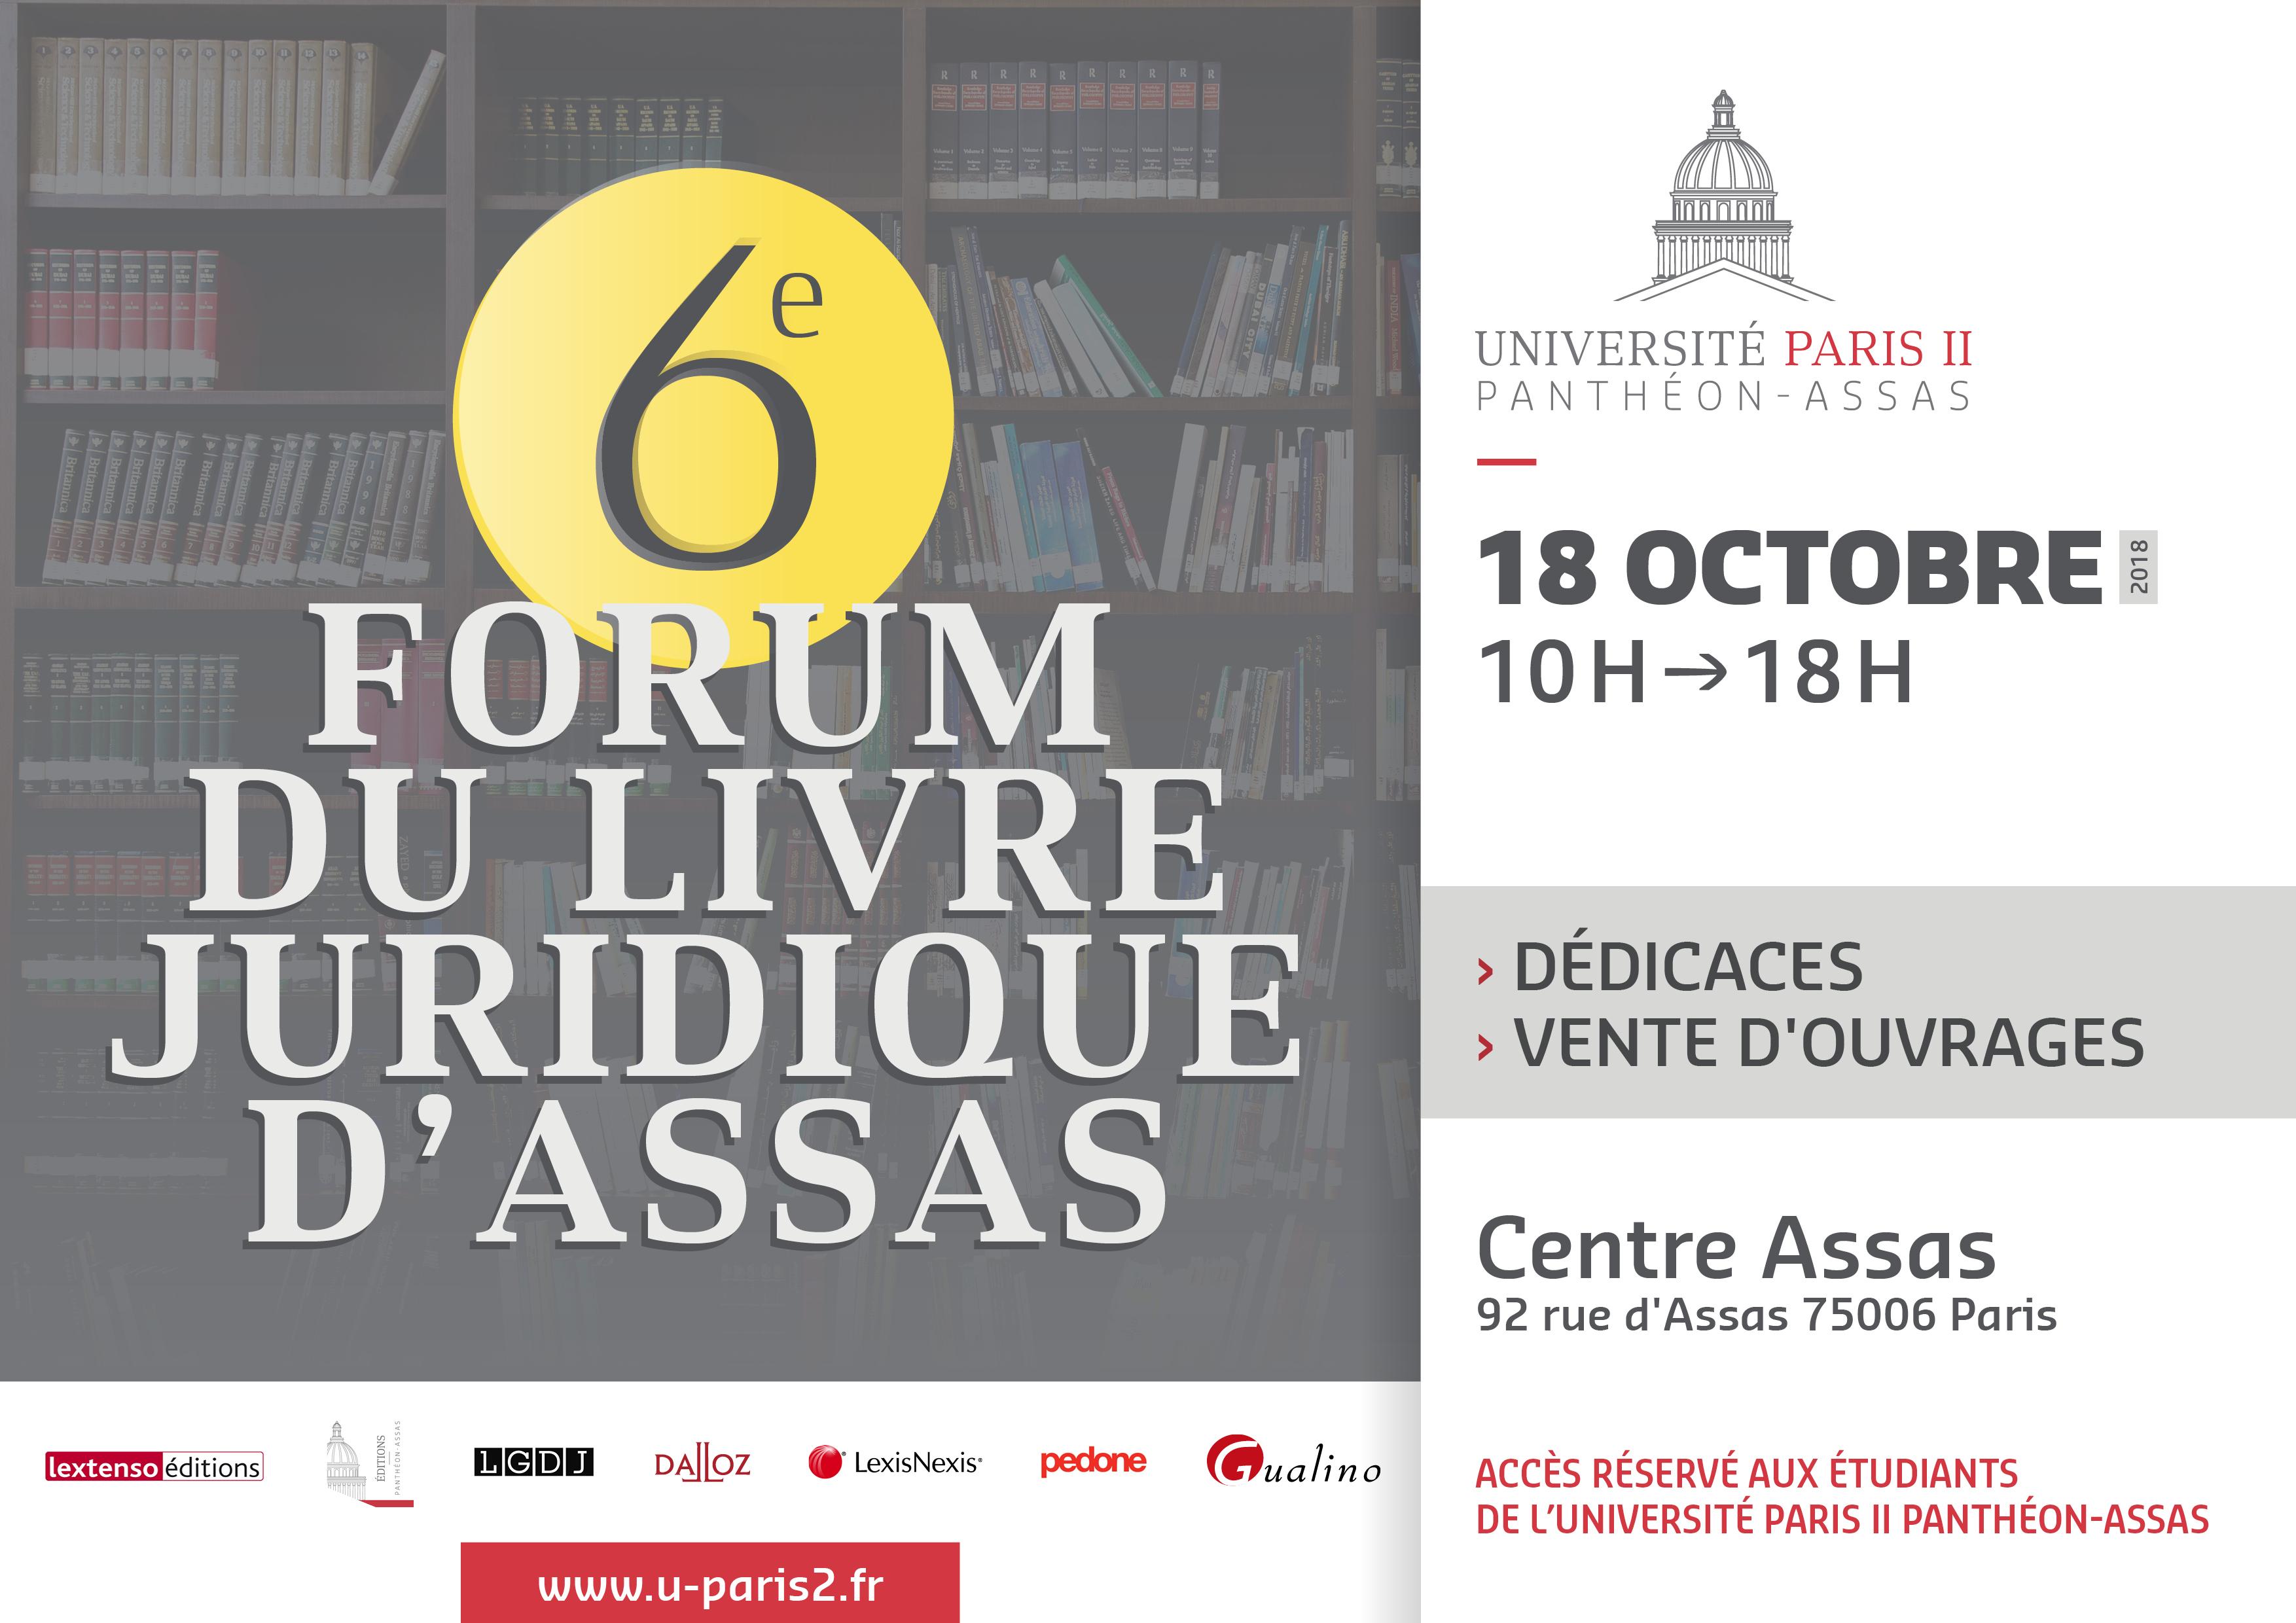 6e édition du forum du livre juridique au centre Assas